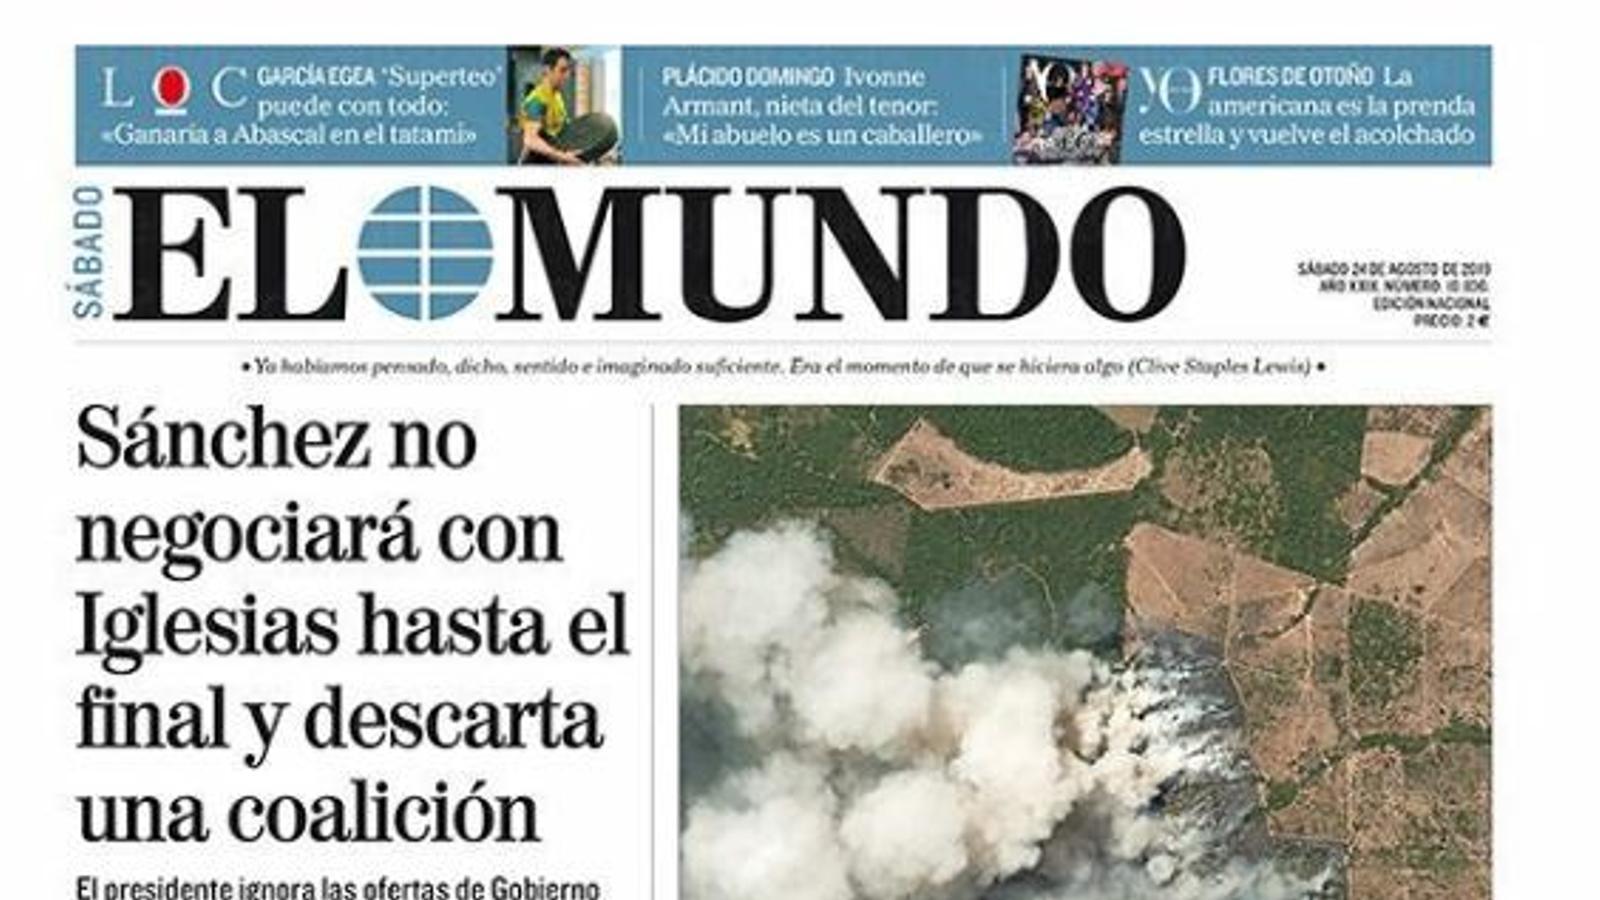 Portada d'El Mundo, 24 d'agost del 2019